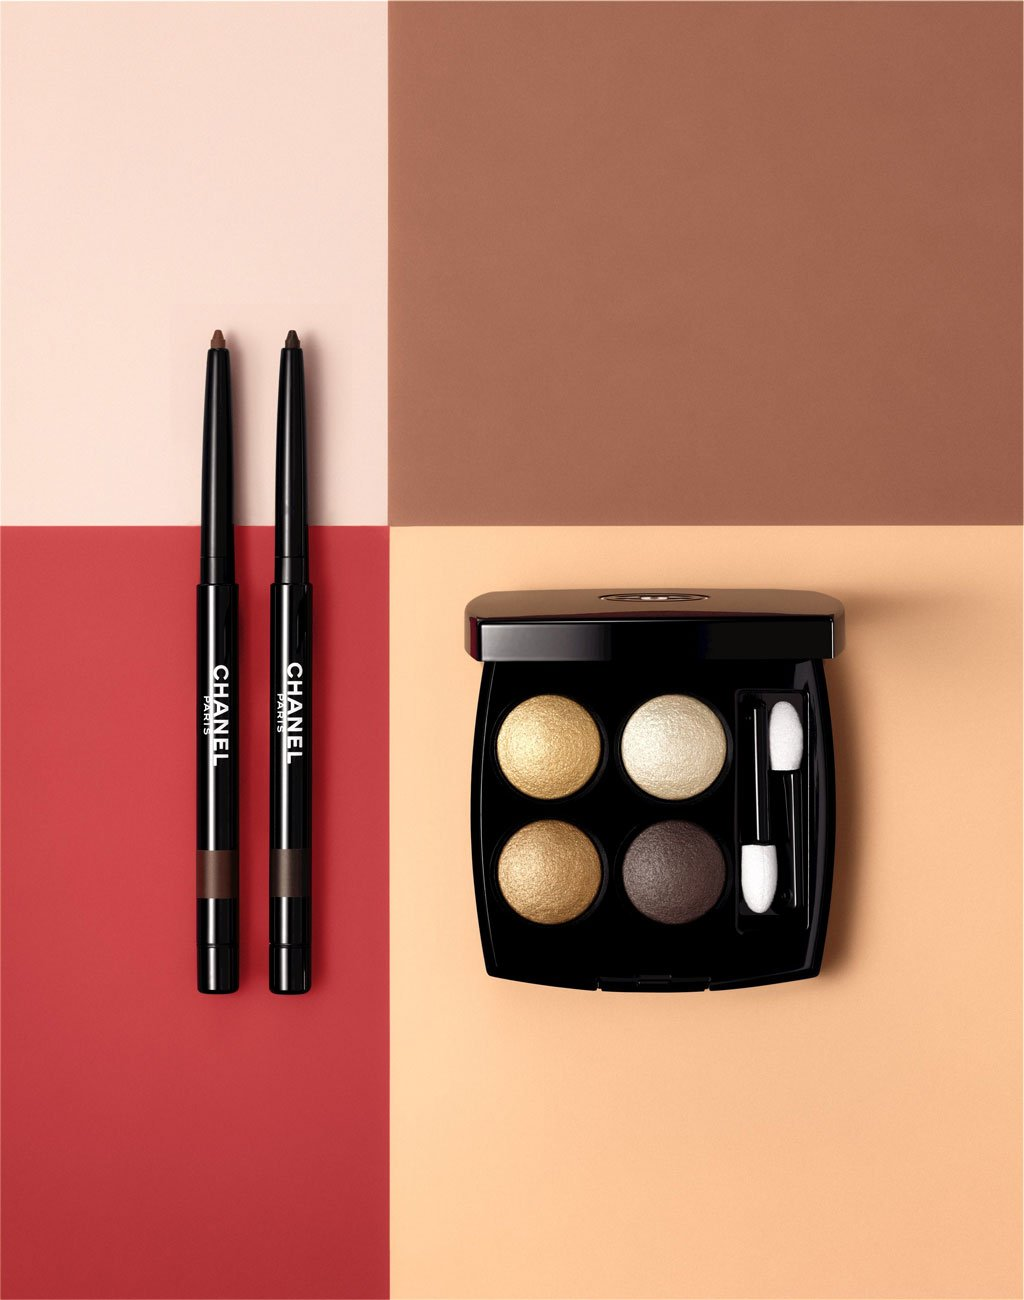 La collezione Make up di Chanel